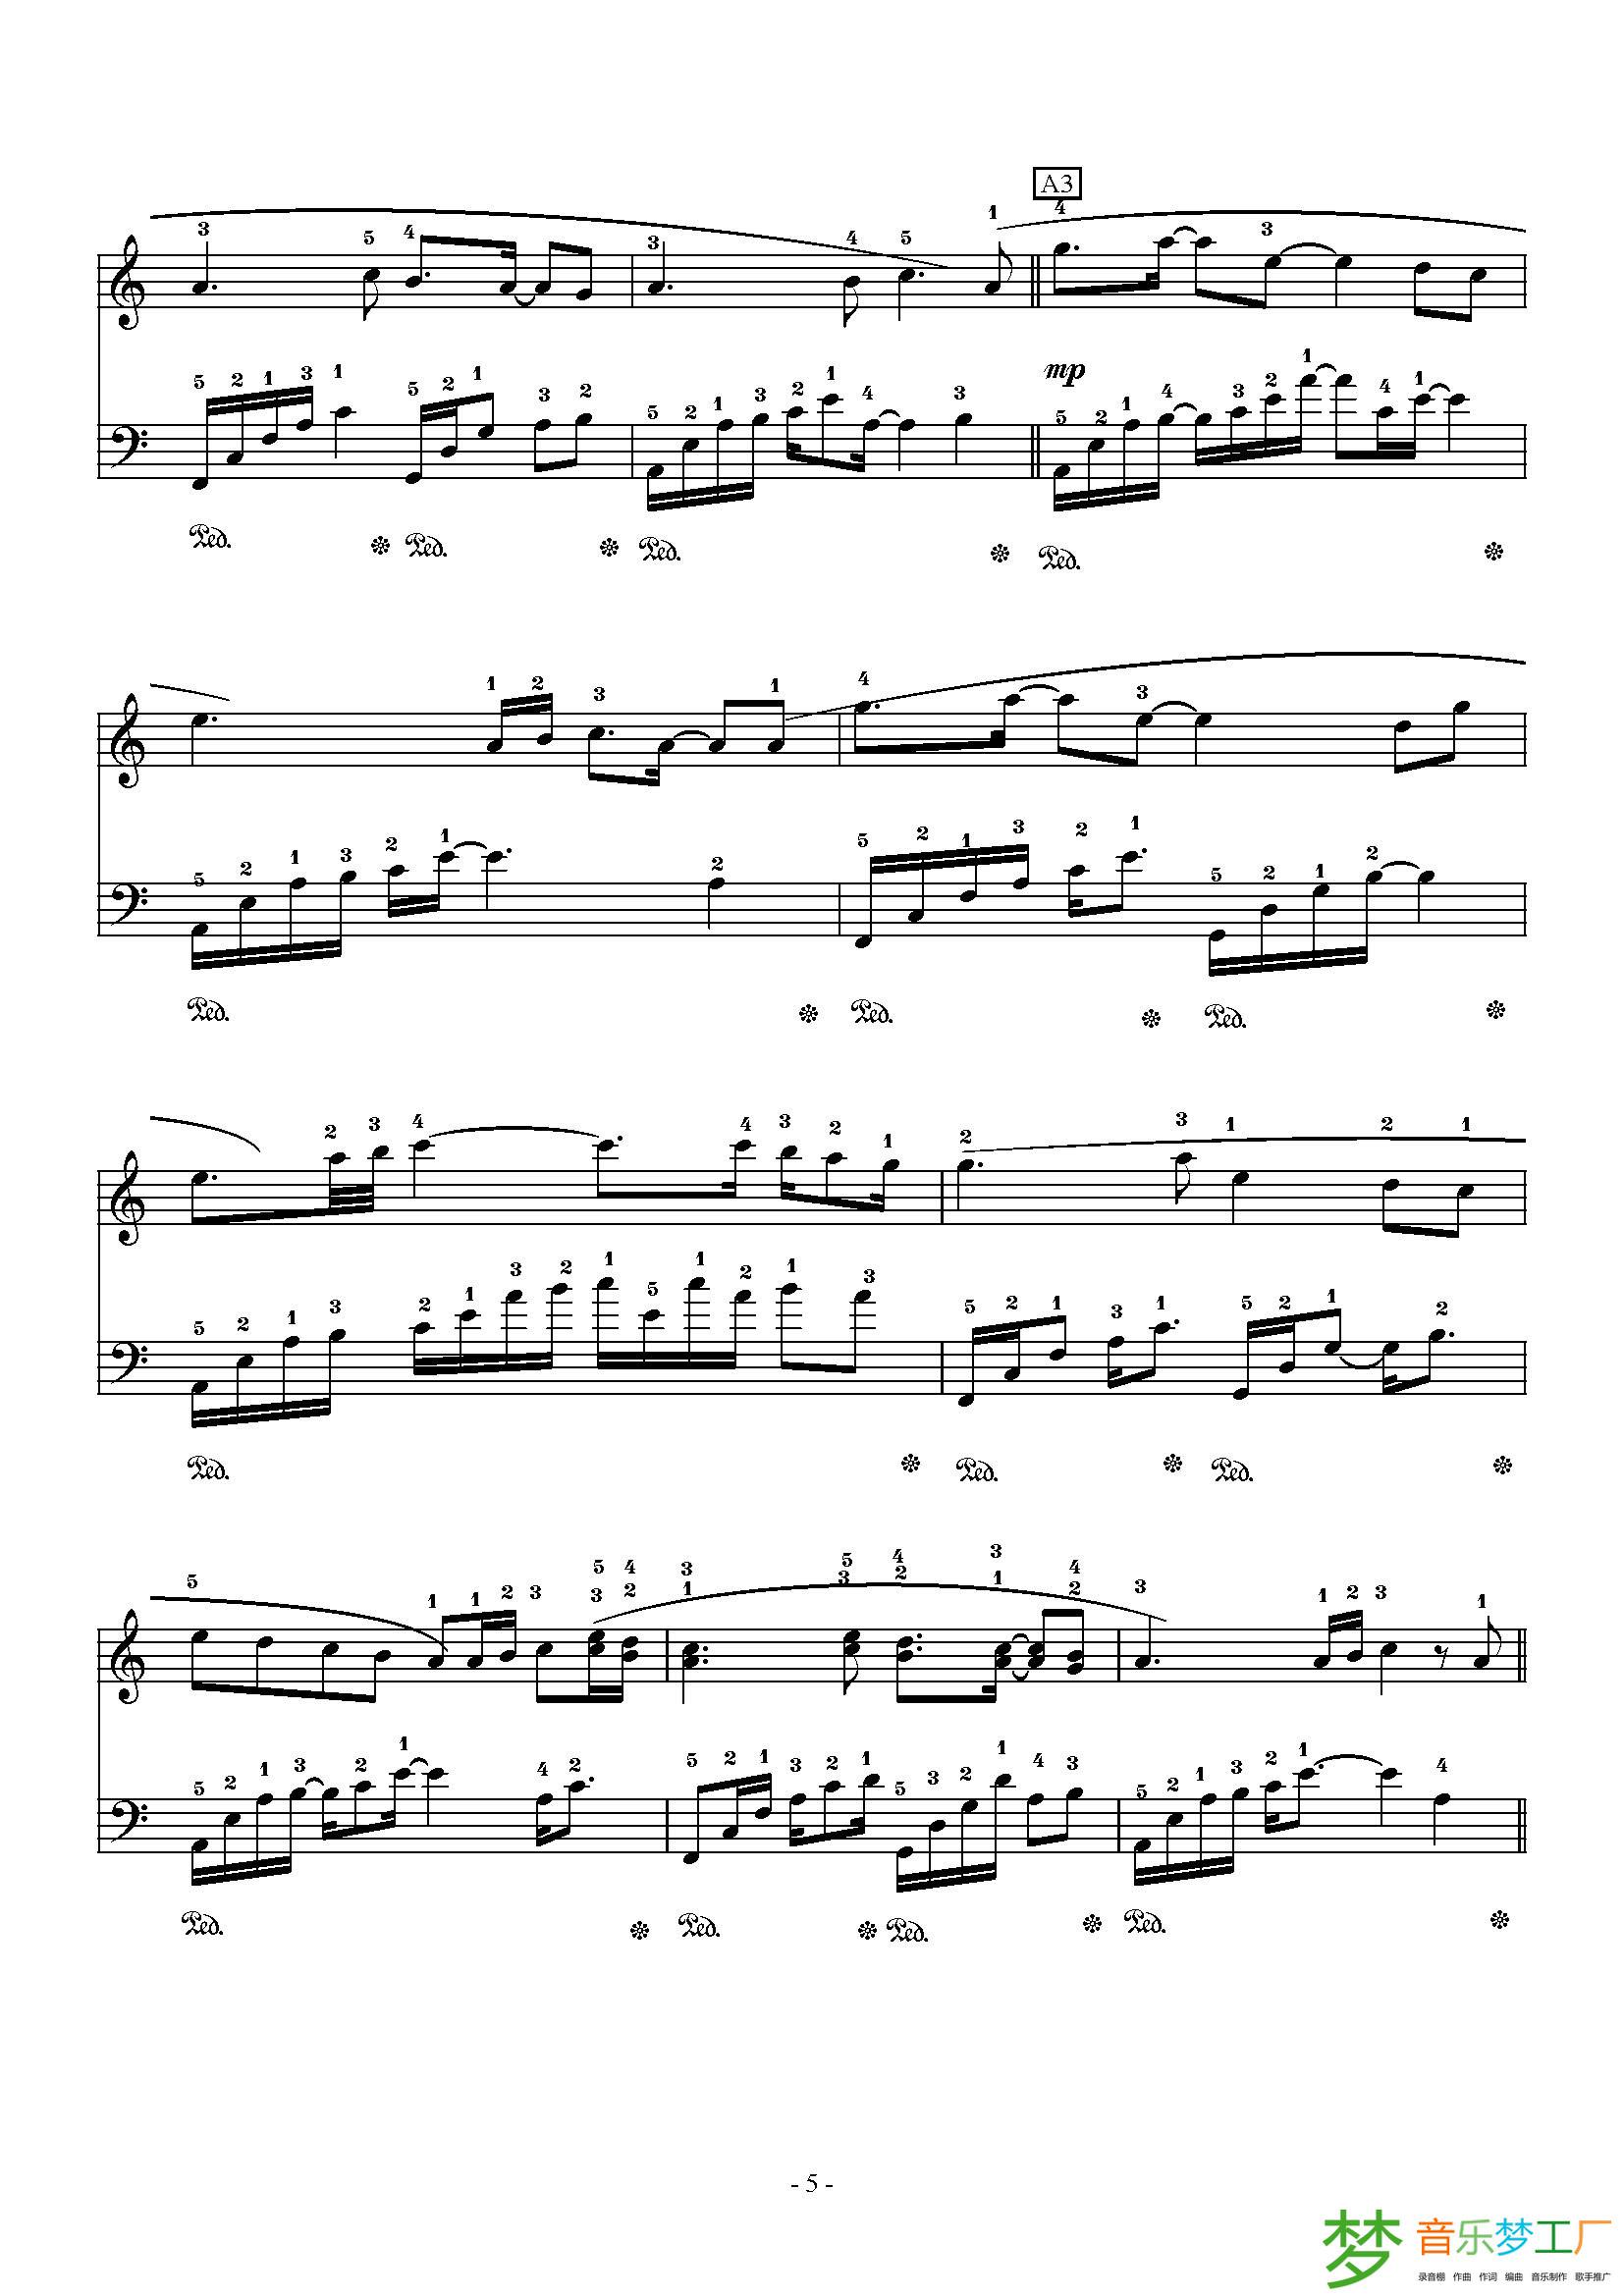 乱红 钢琴曲曲谱 李俊改编 根据陈悦 马克的笛与钢琴合奏曲 乱红 改编